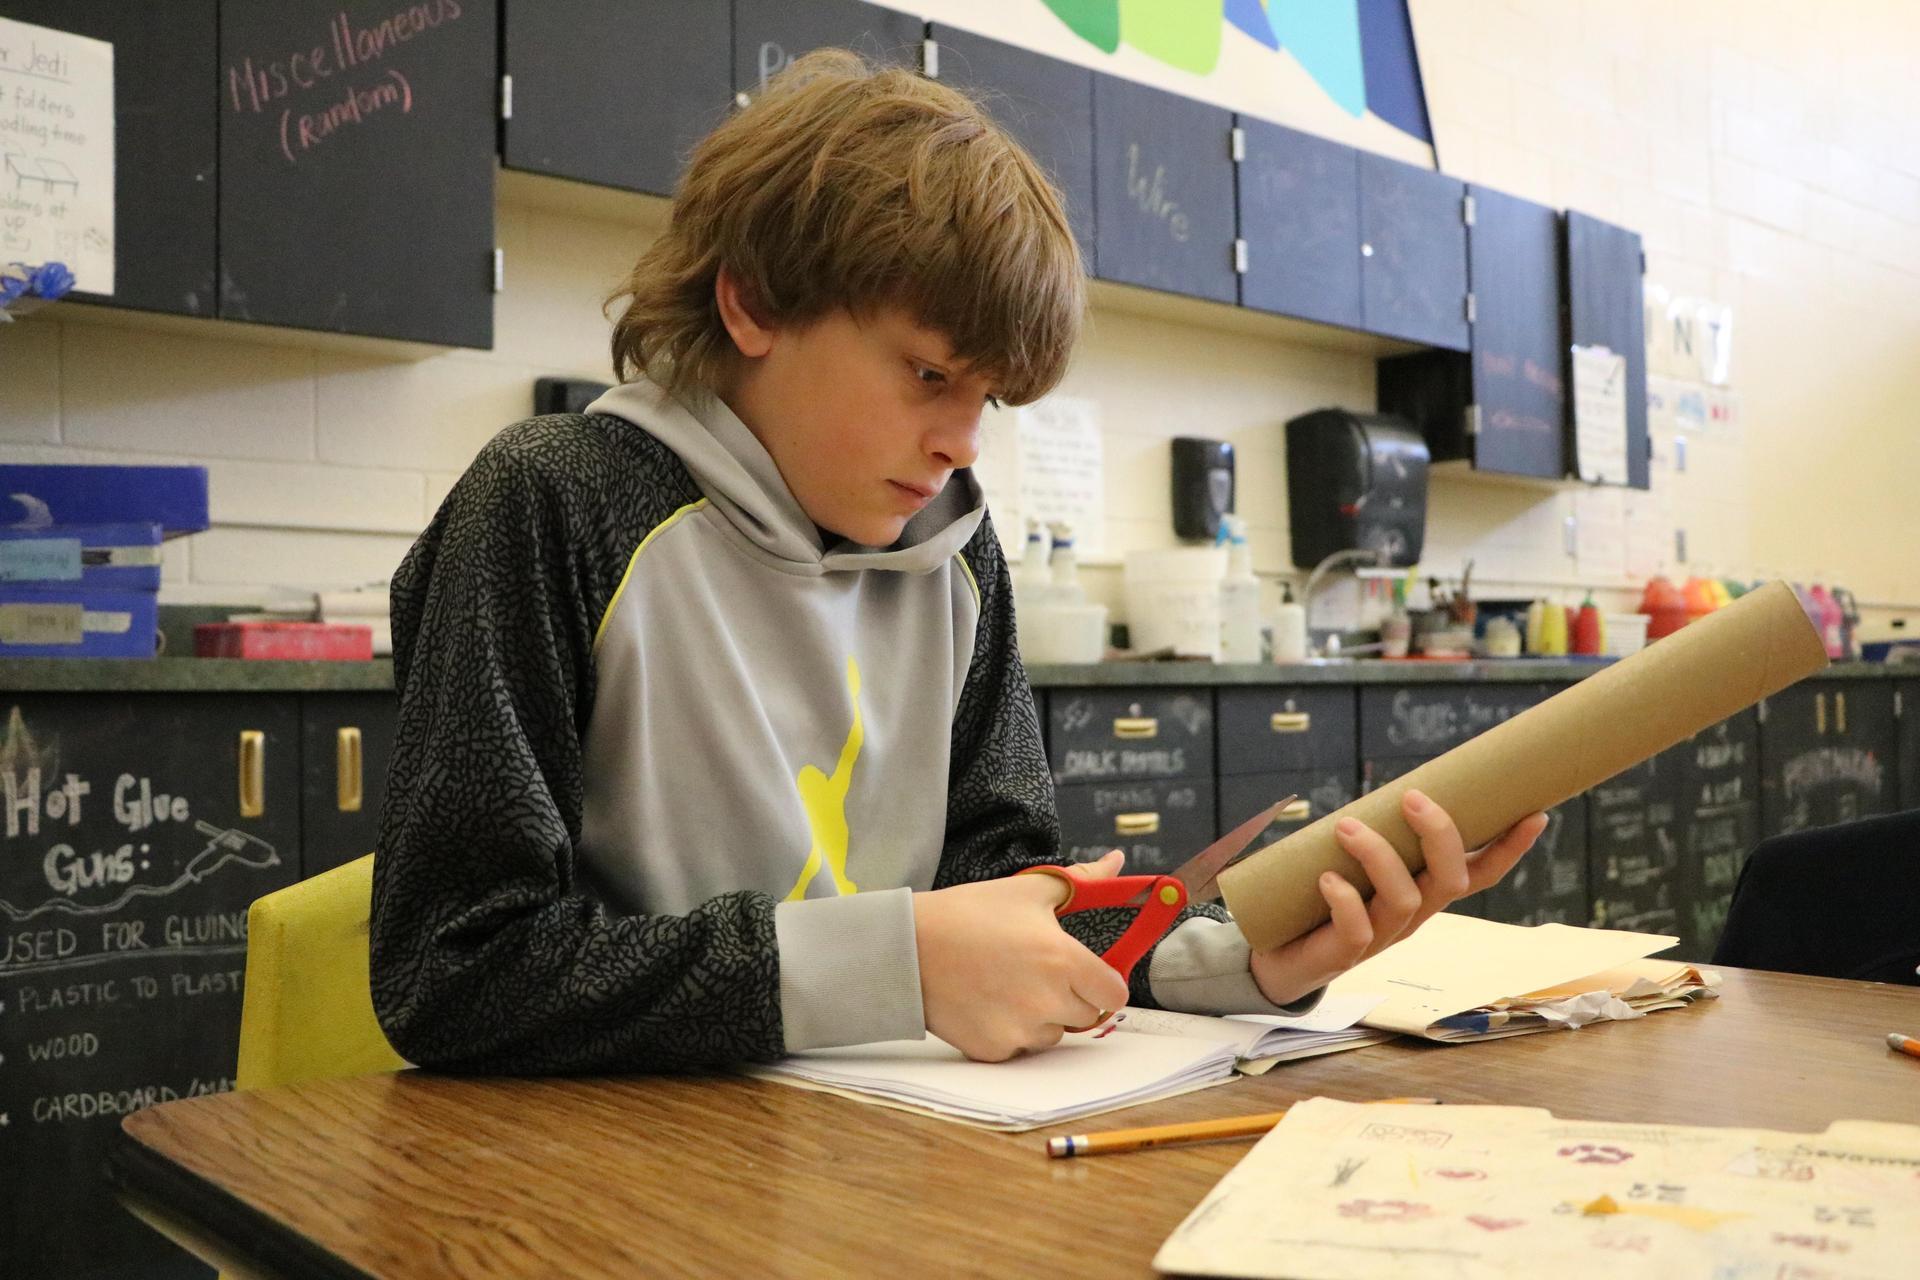 boy cutting cardboard